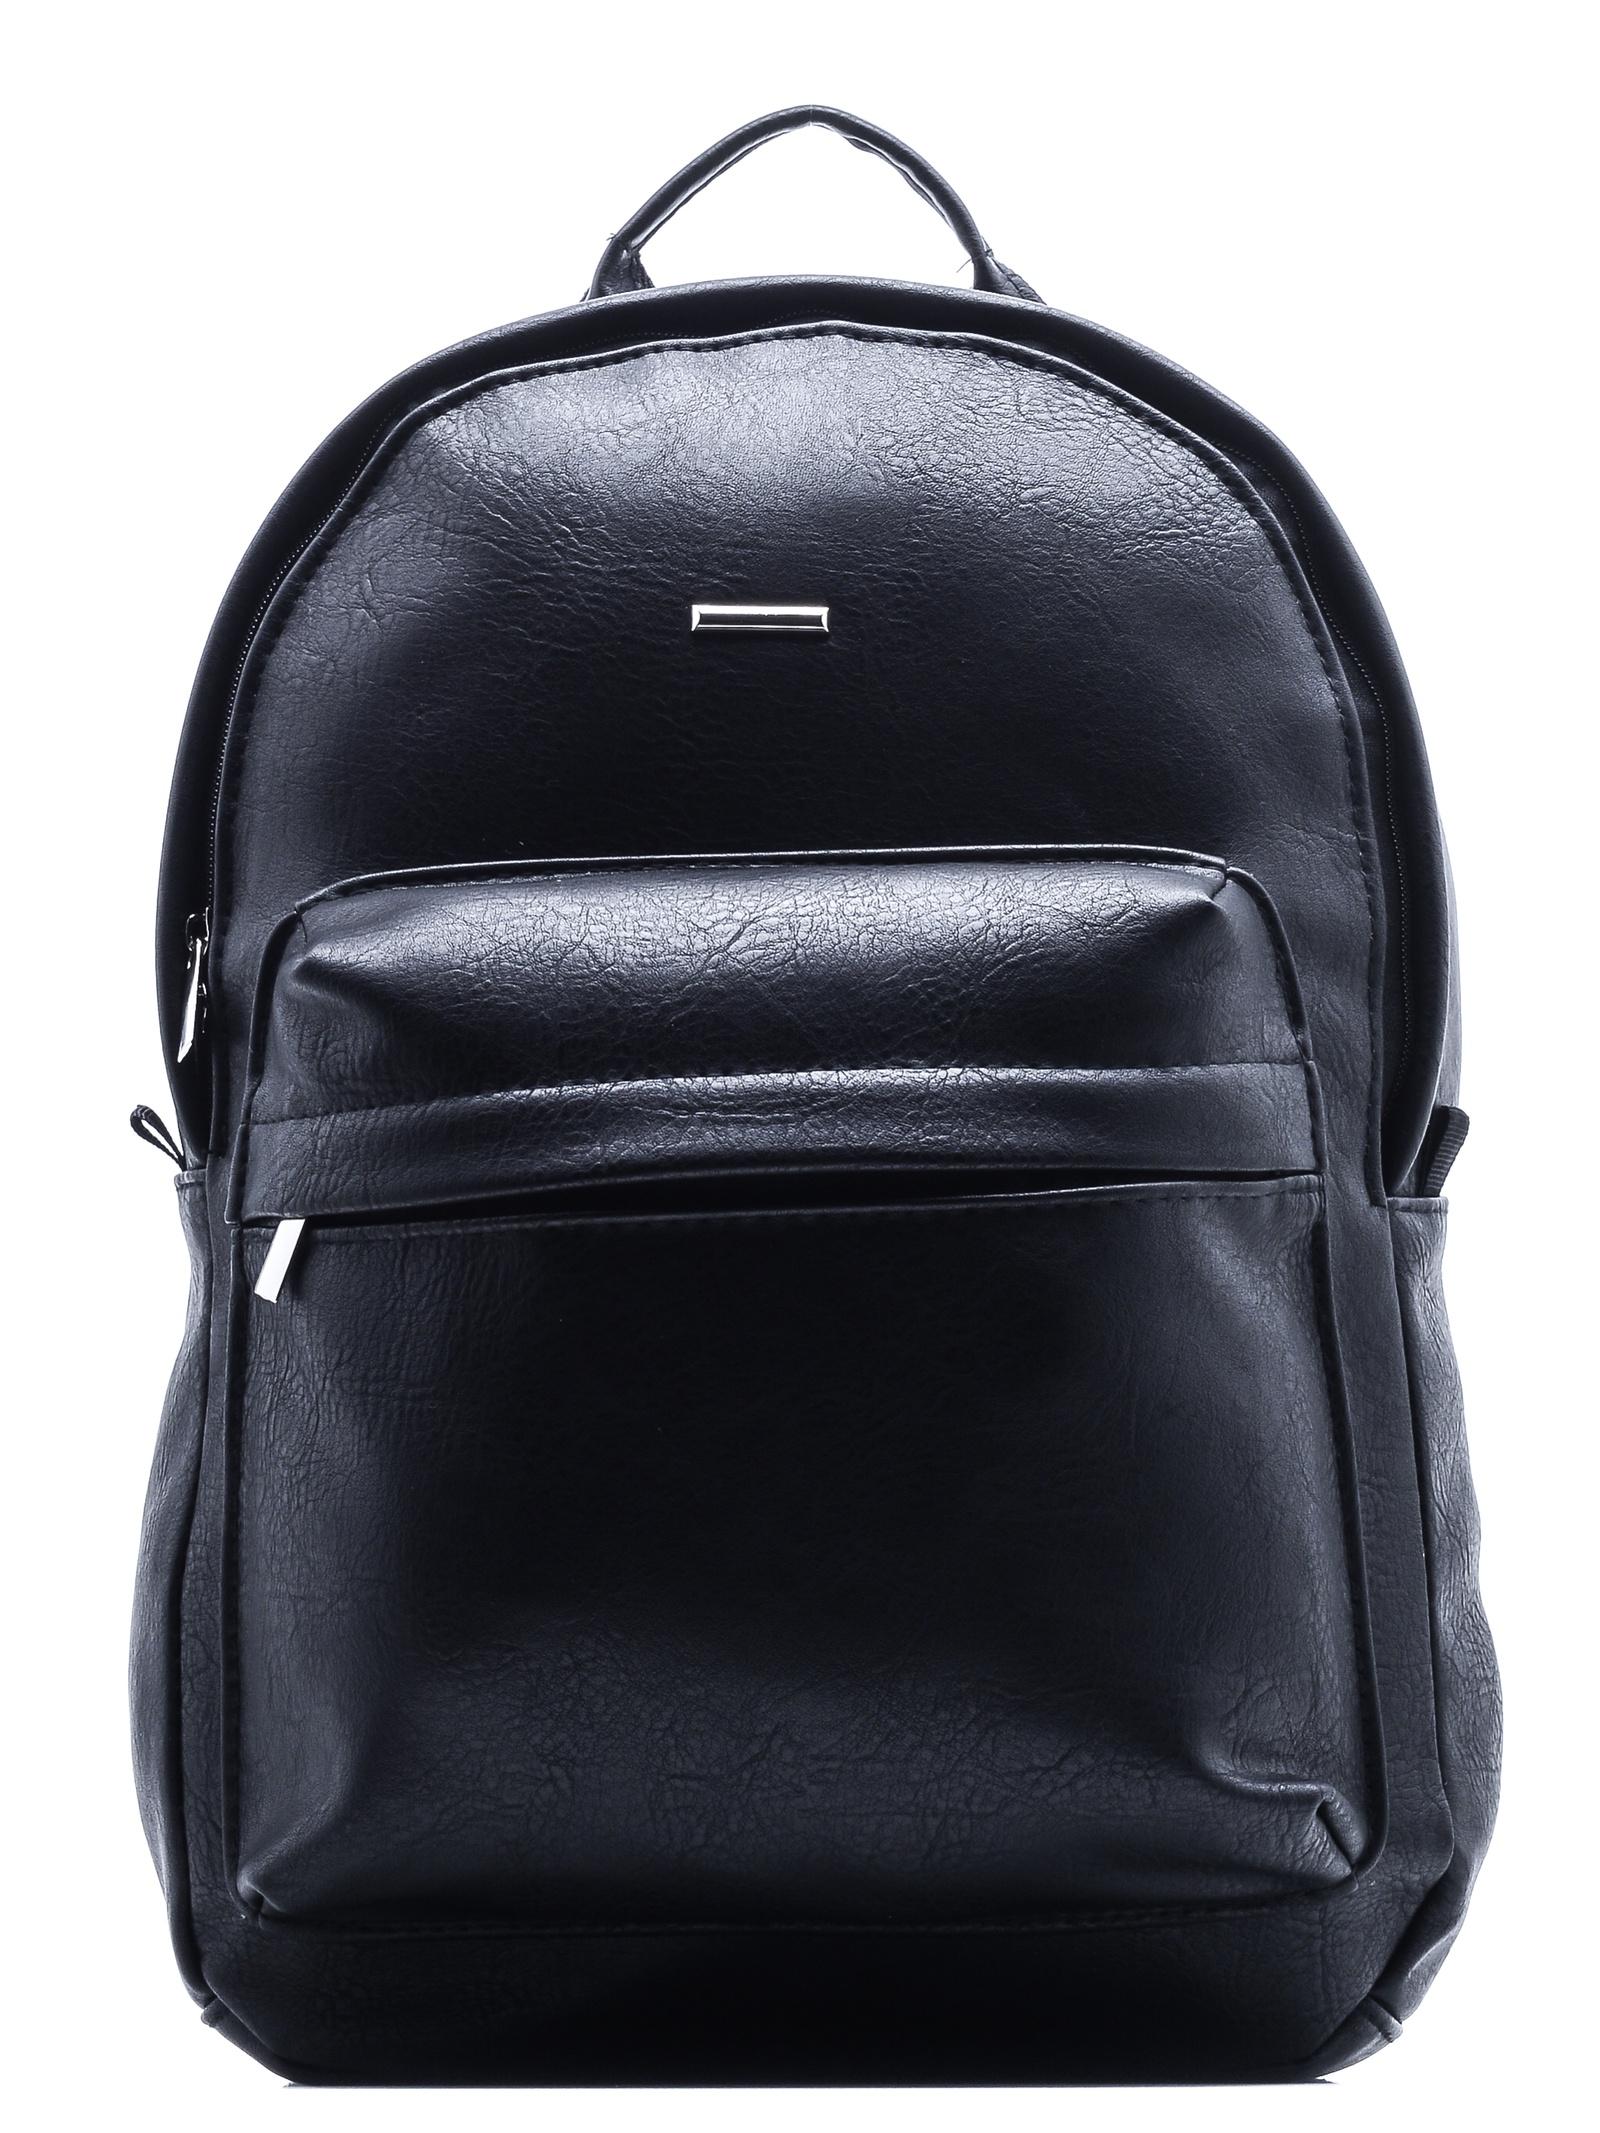 Рюкзак AST Рюкзак кожаный, черный, черный